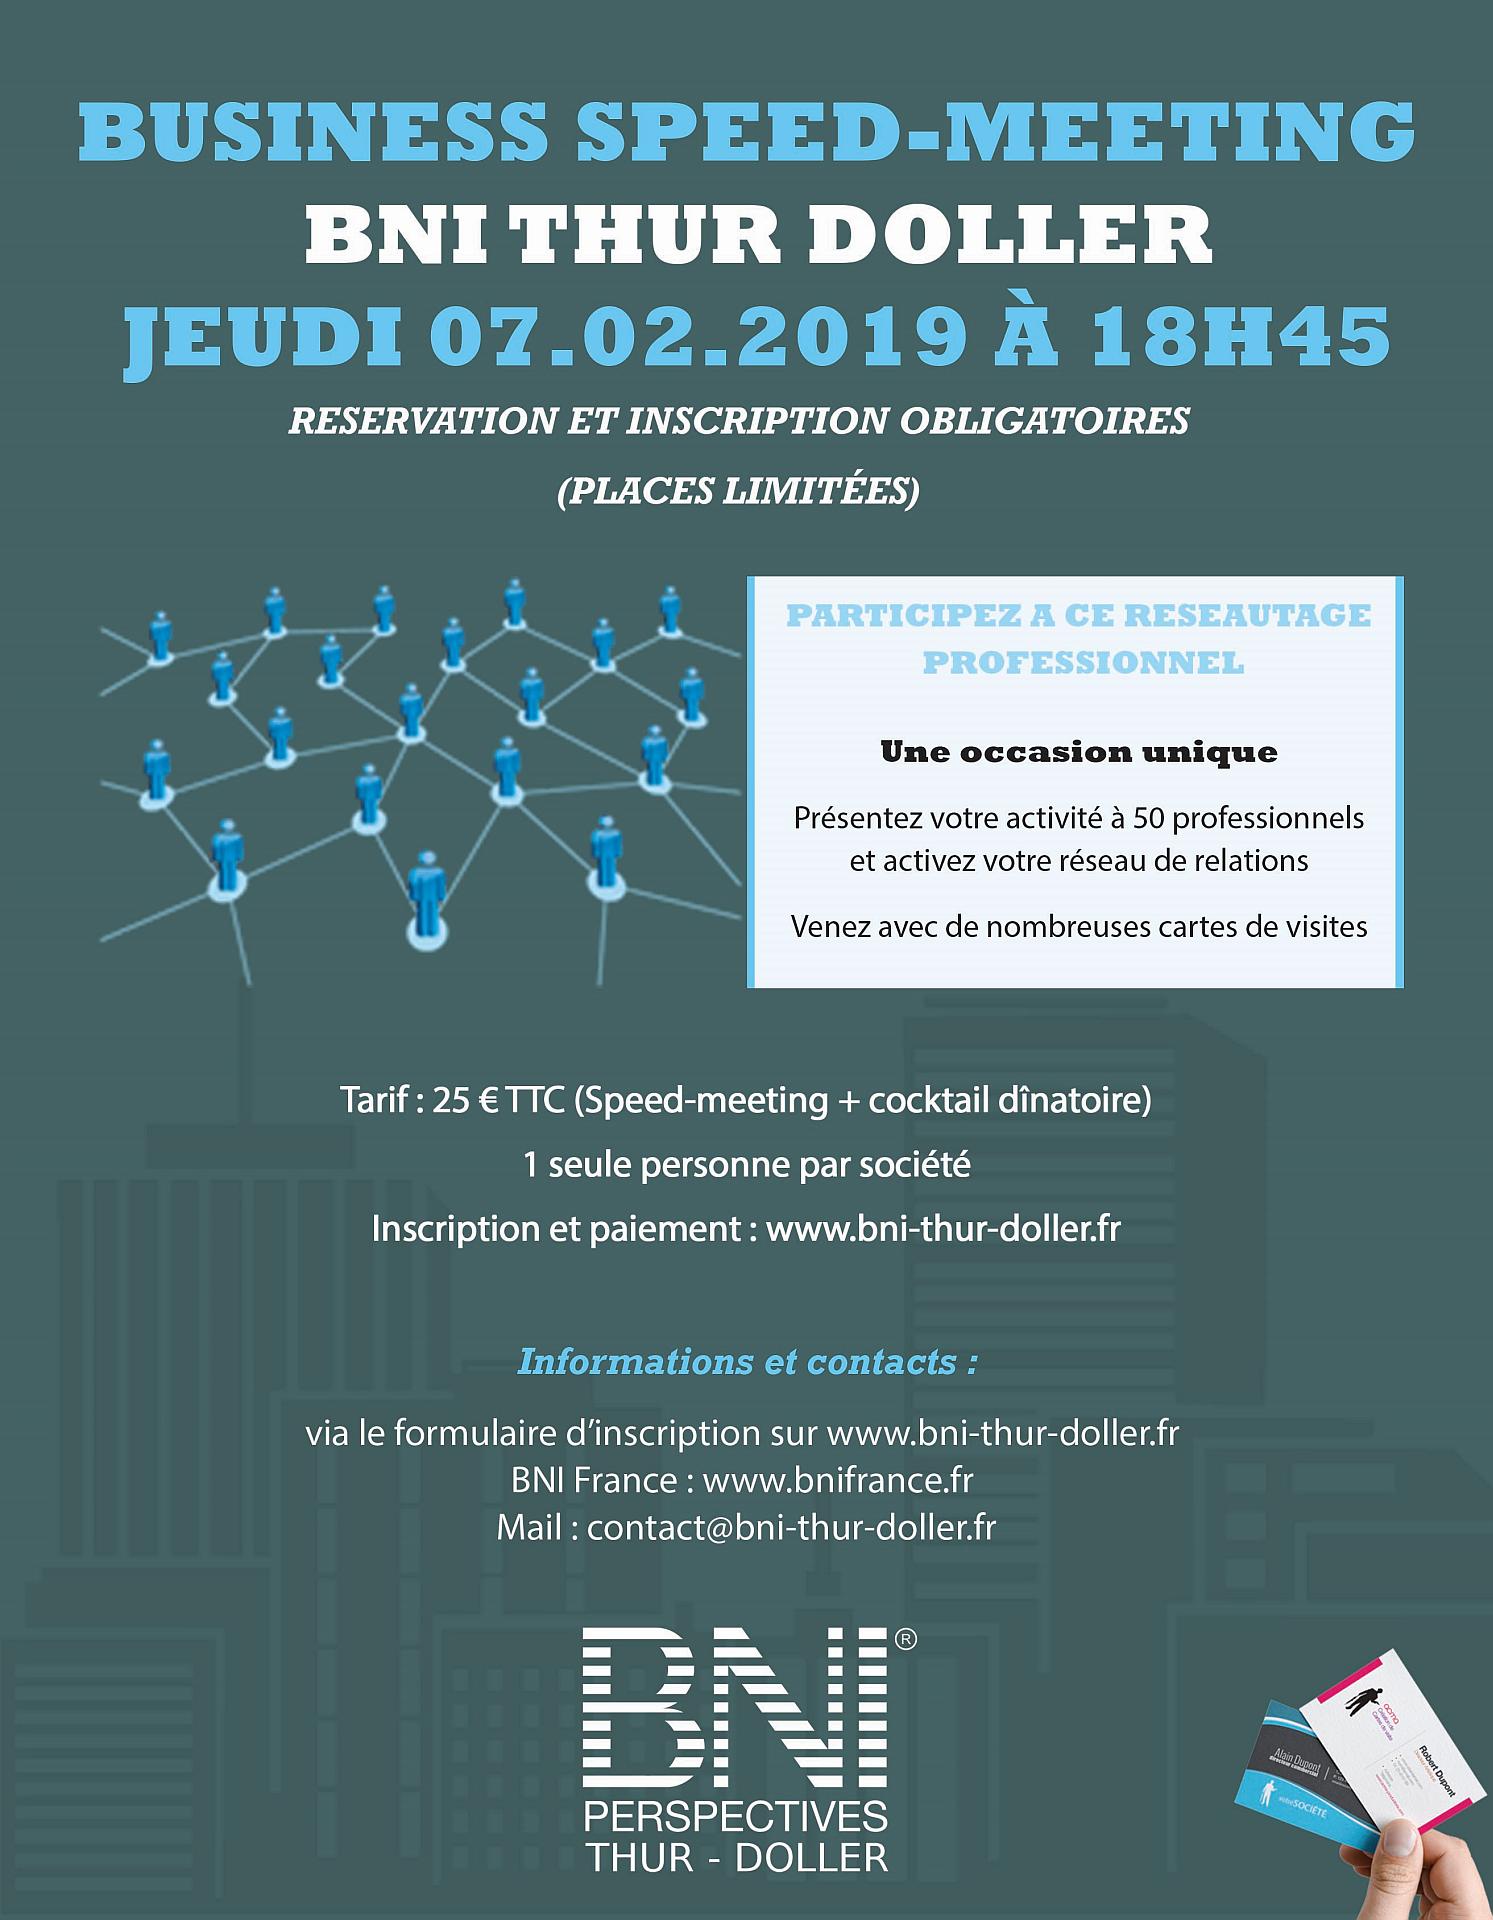 Speed-Meeting - BNI Thur Doller - Réseau d'affaires - 07/02/2019